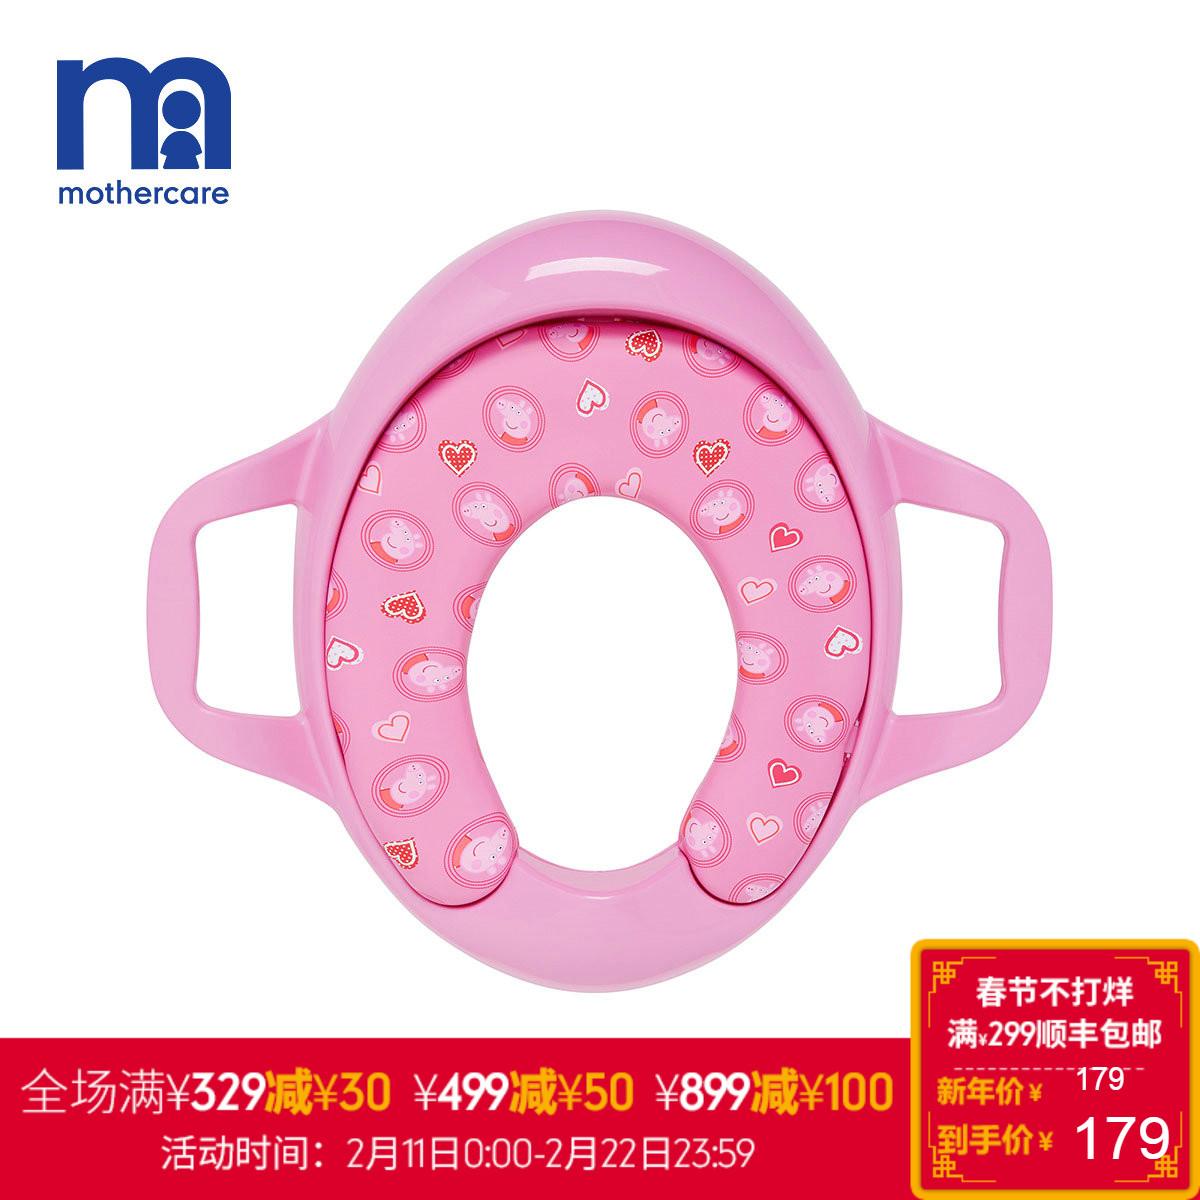 Mothercare великобритания xl ребенок туалет сиденье для унитаза мужской и женщины ребенок туалет крышка подушка сиденье писсуар